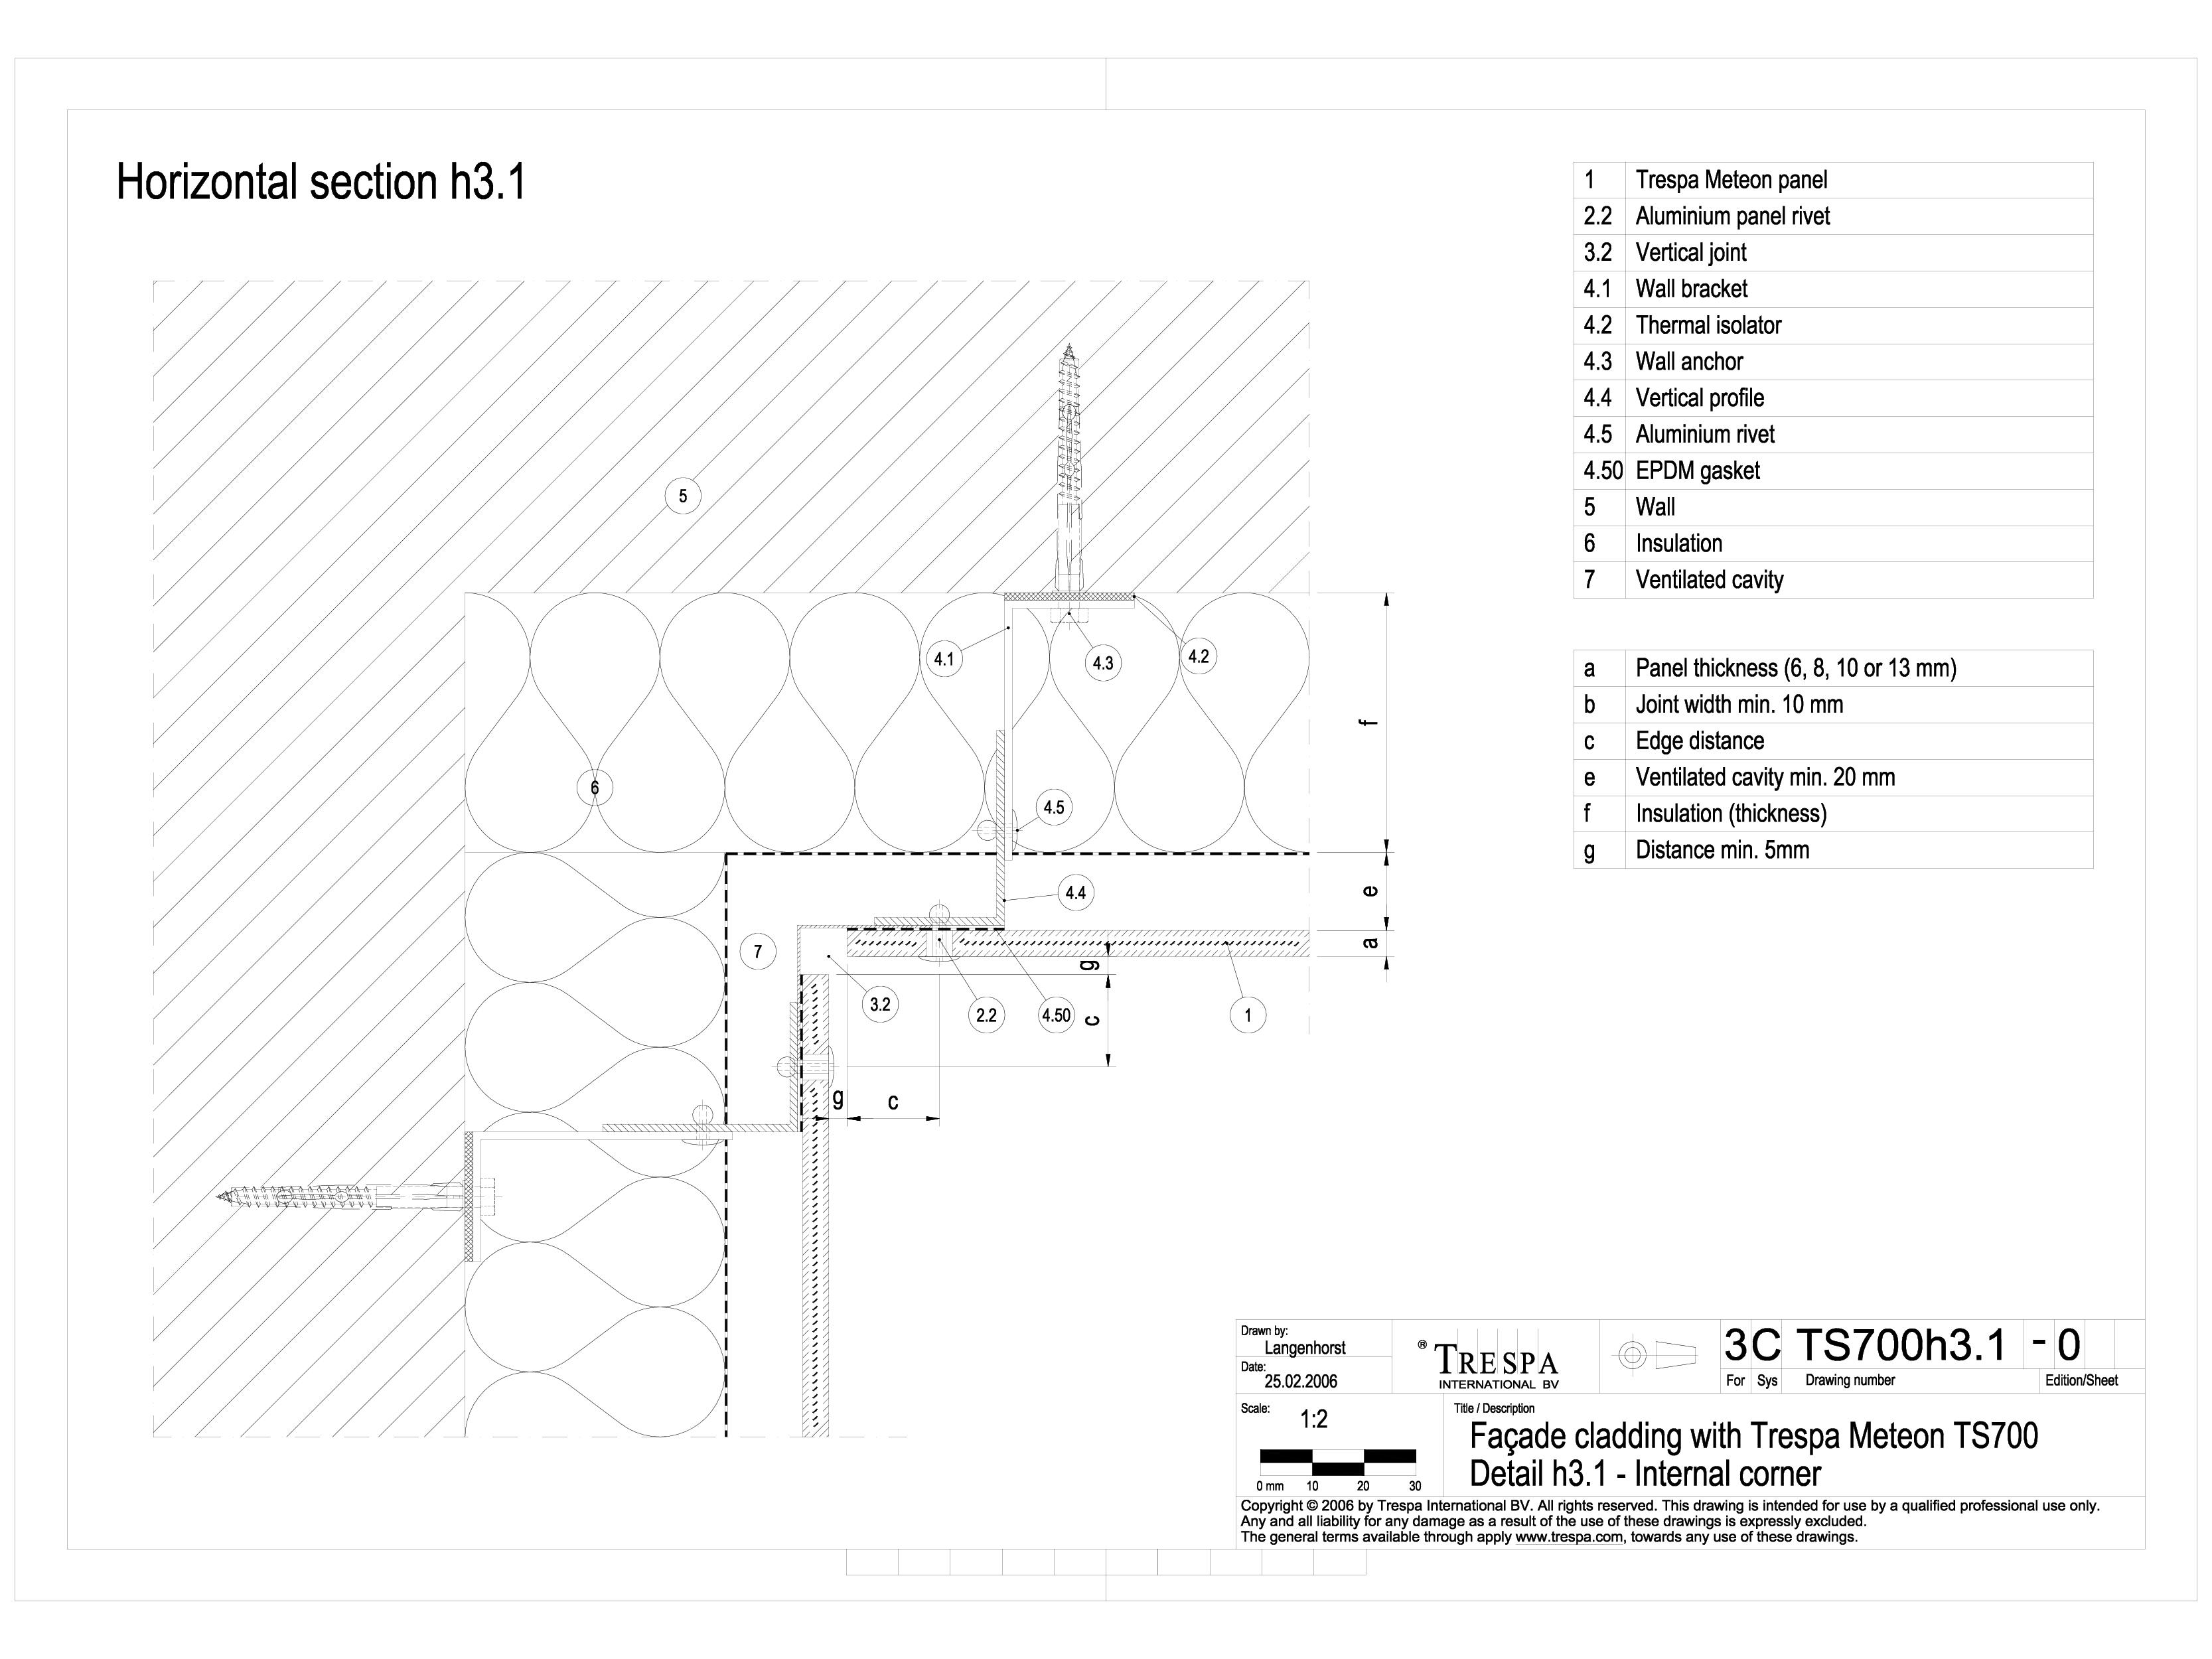 Sisteme de prindere fatade ventilate invizibile cu nituri, detaliu colt interior METEON TRESPA Placi HPL pentru fatade ventilate GIBB TECHNOLOGIES  - Pagina 1